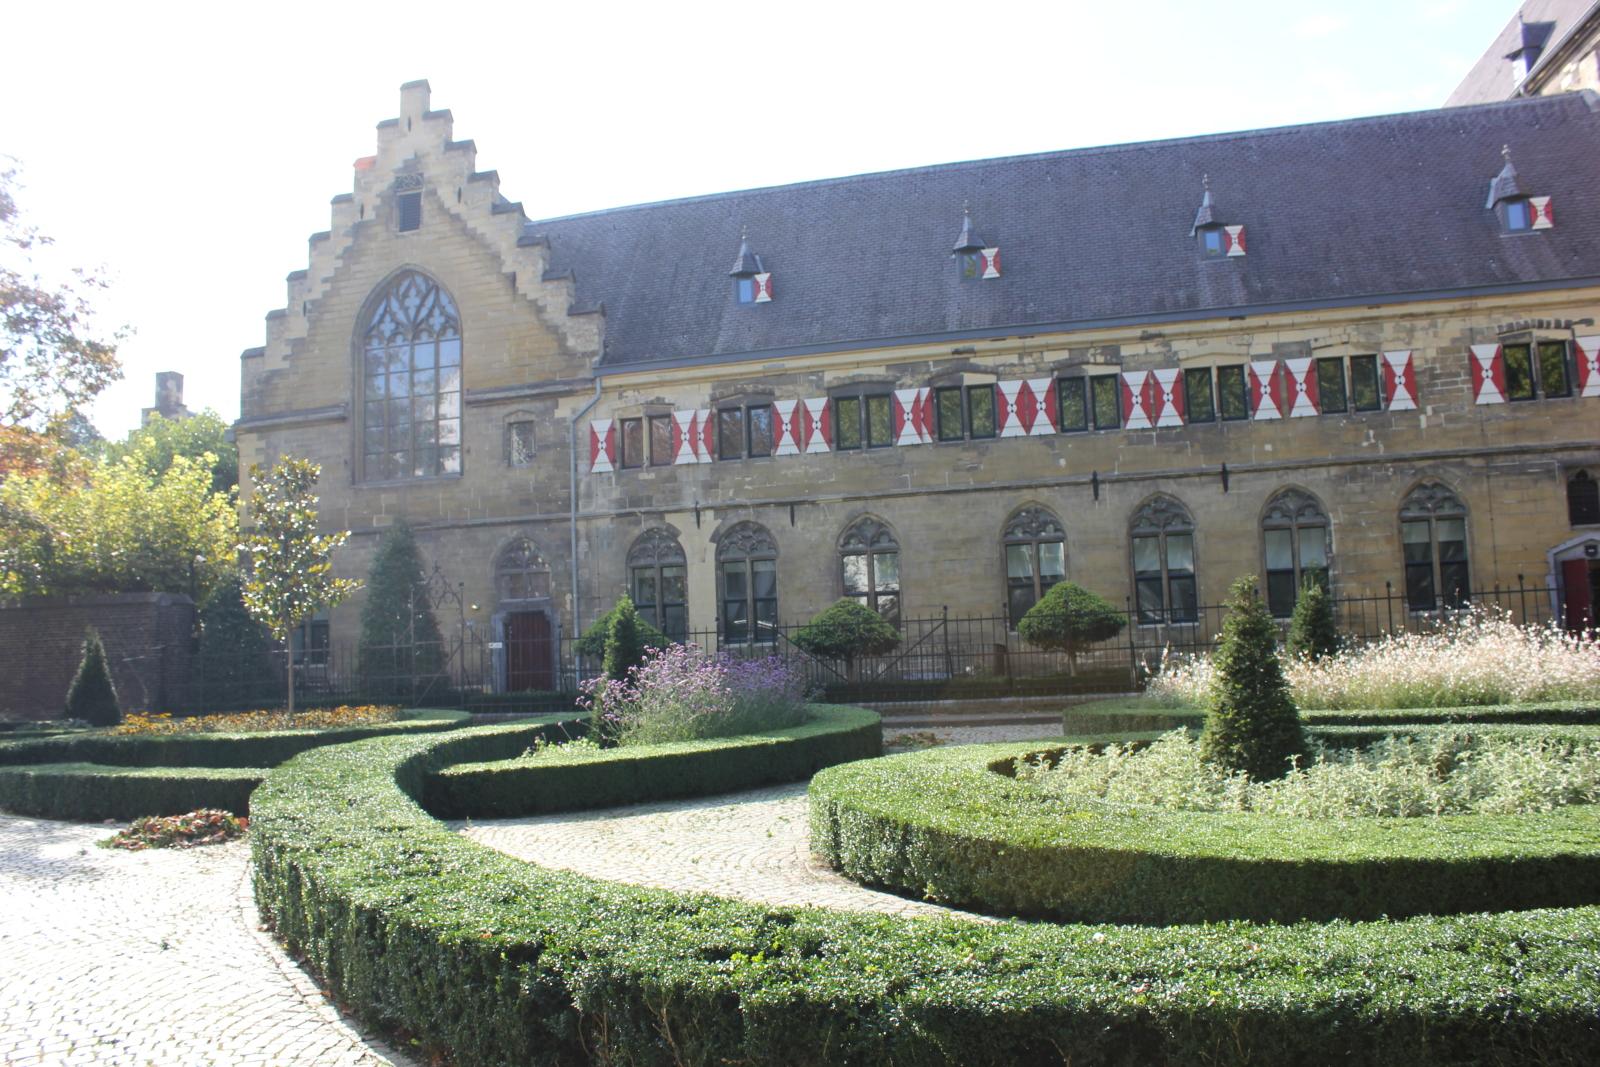 IMG_9163 The Kruisenherenhotel